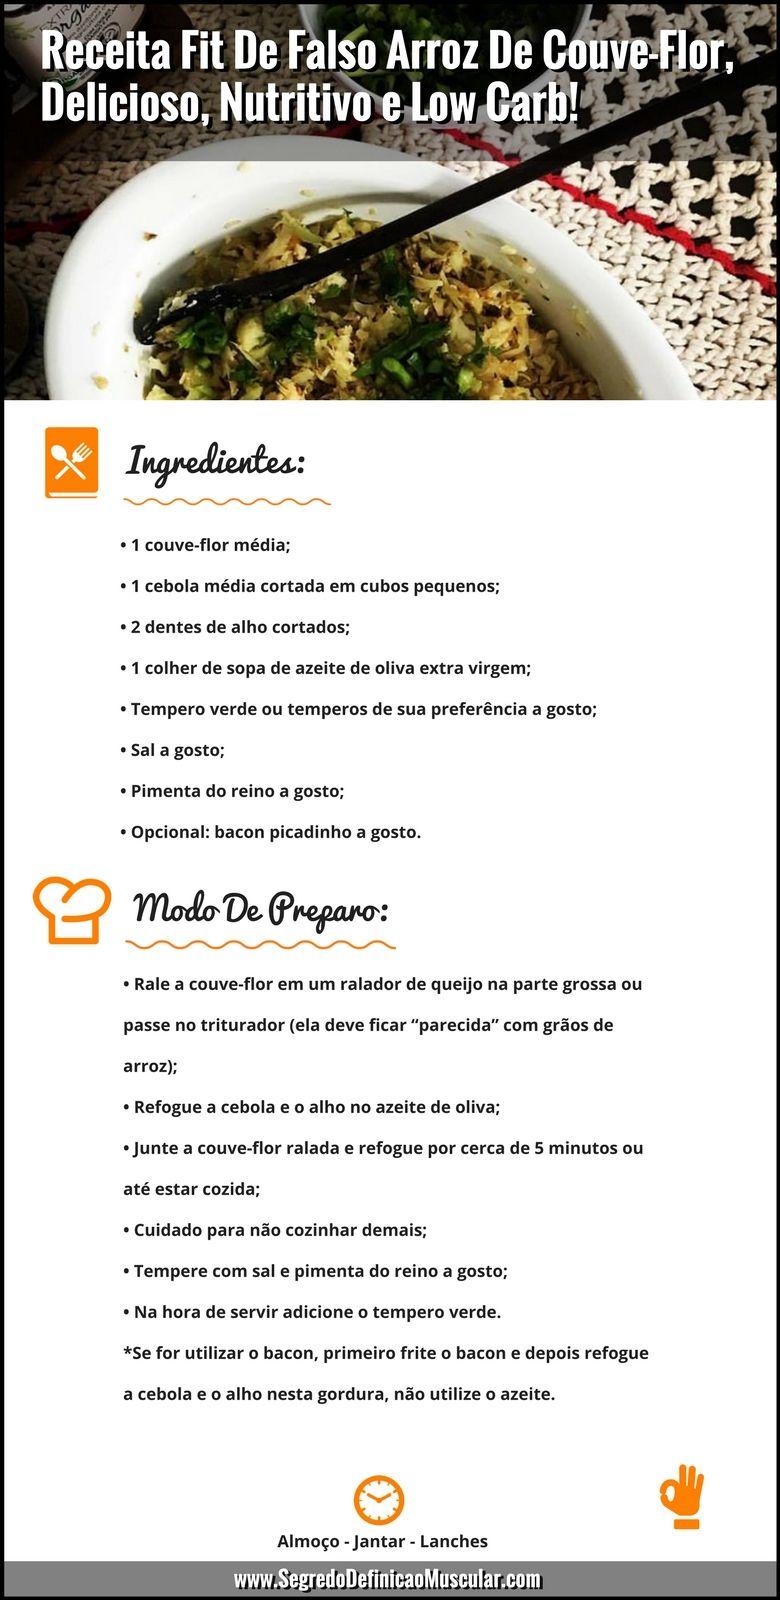 Receita Fit De Falso Arroz De Couve Flor Delicioso Nutritivo E